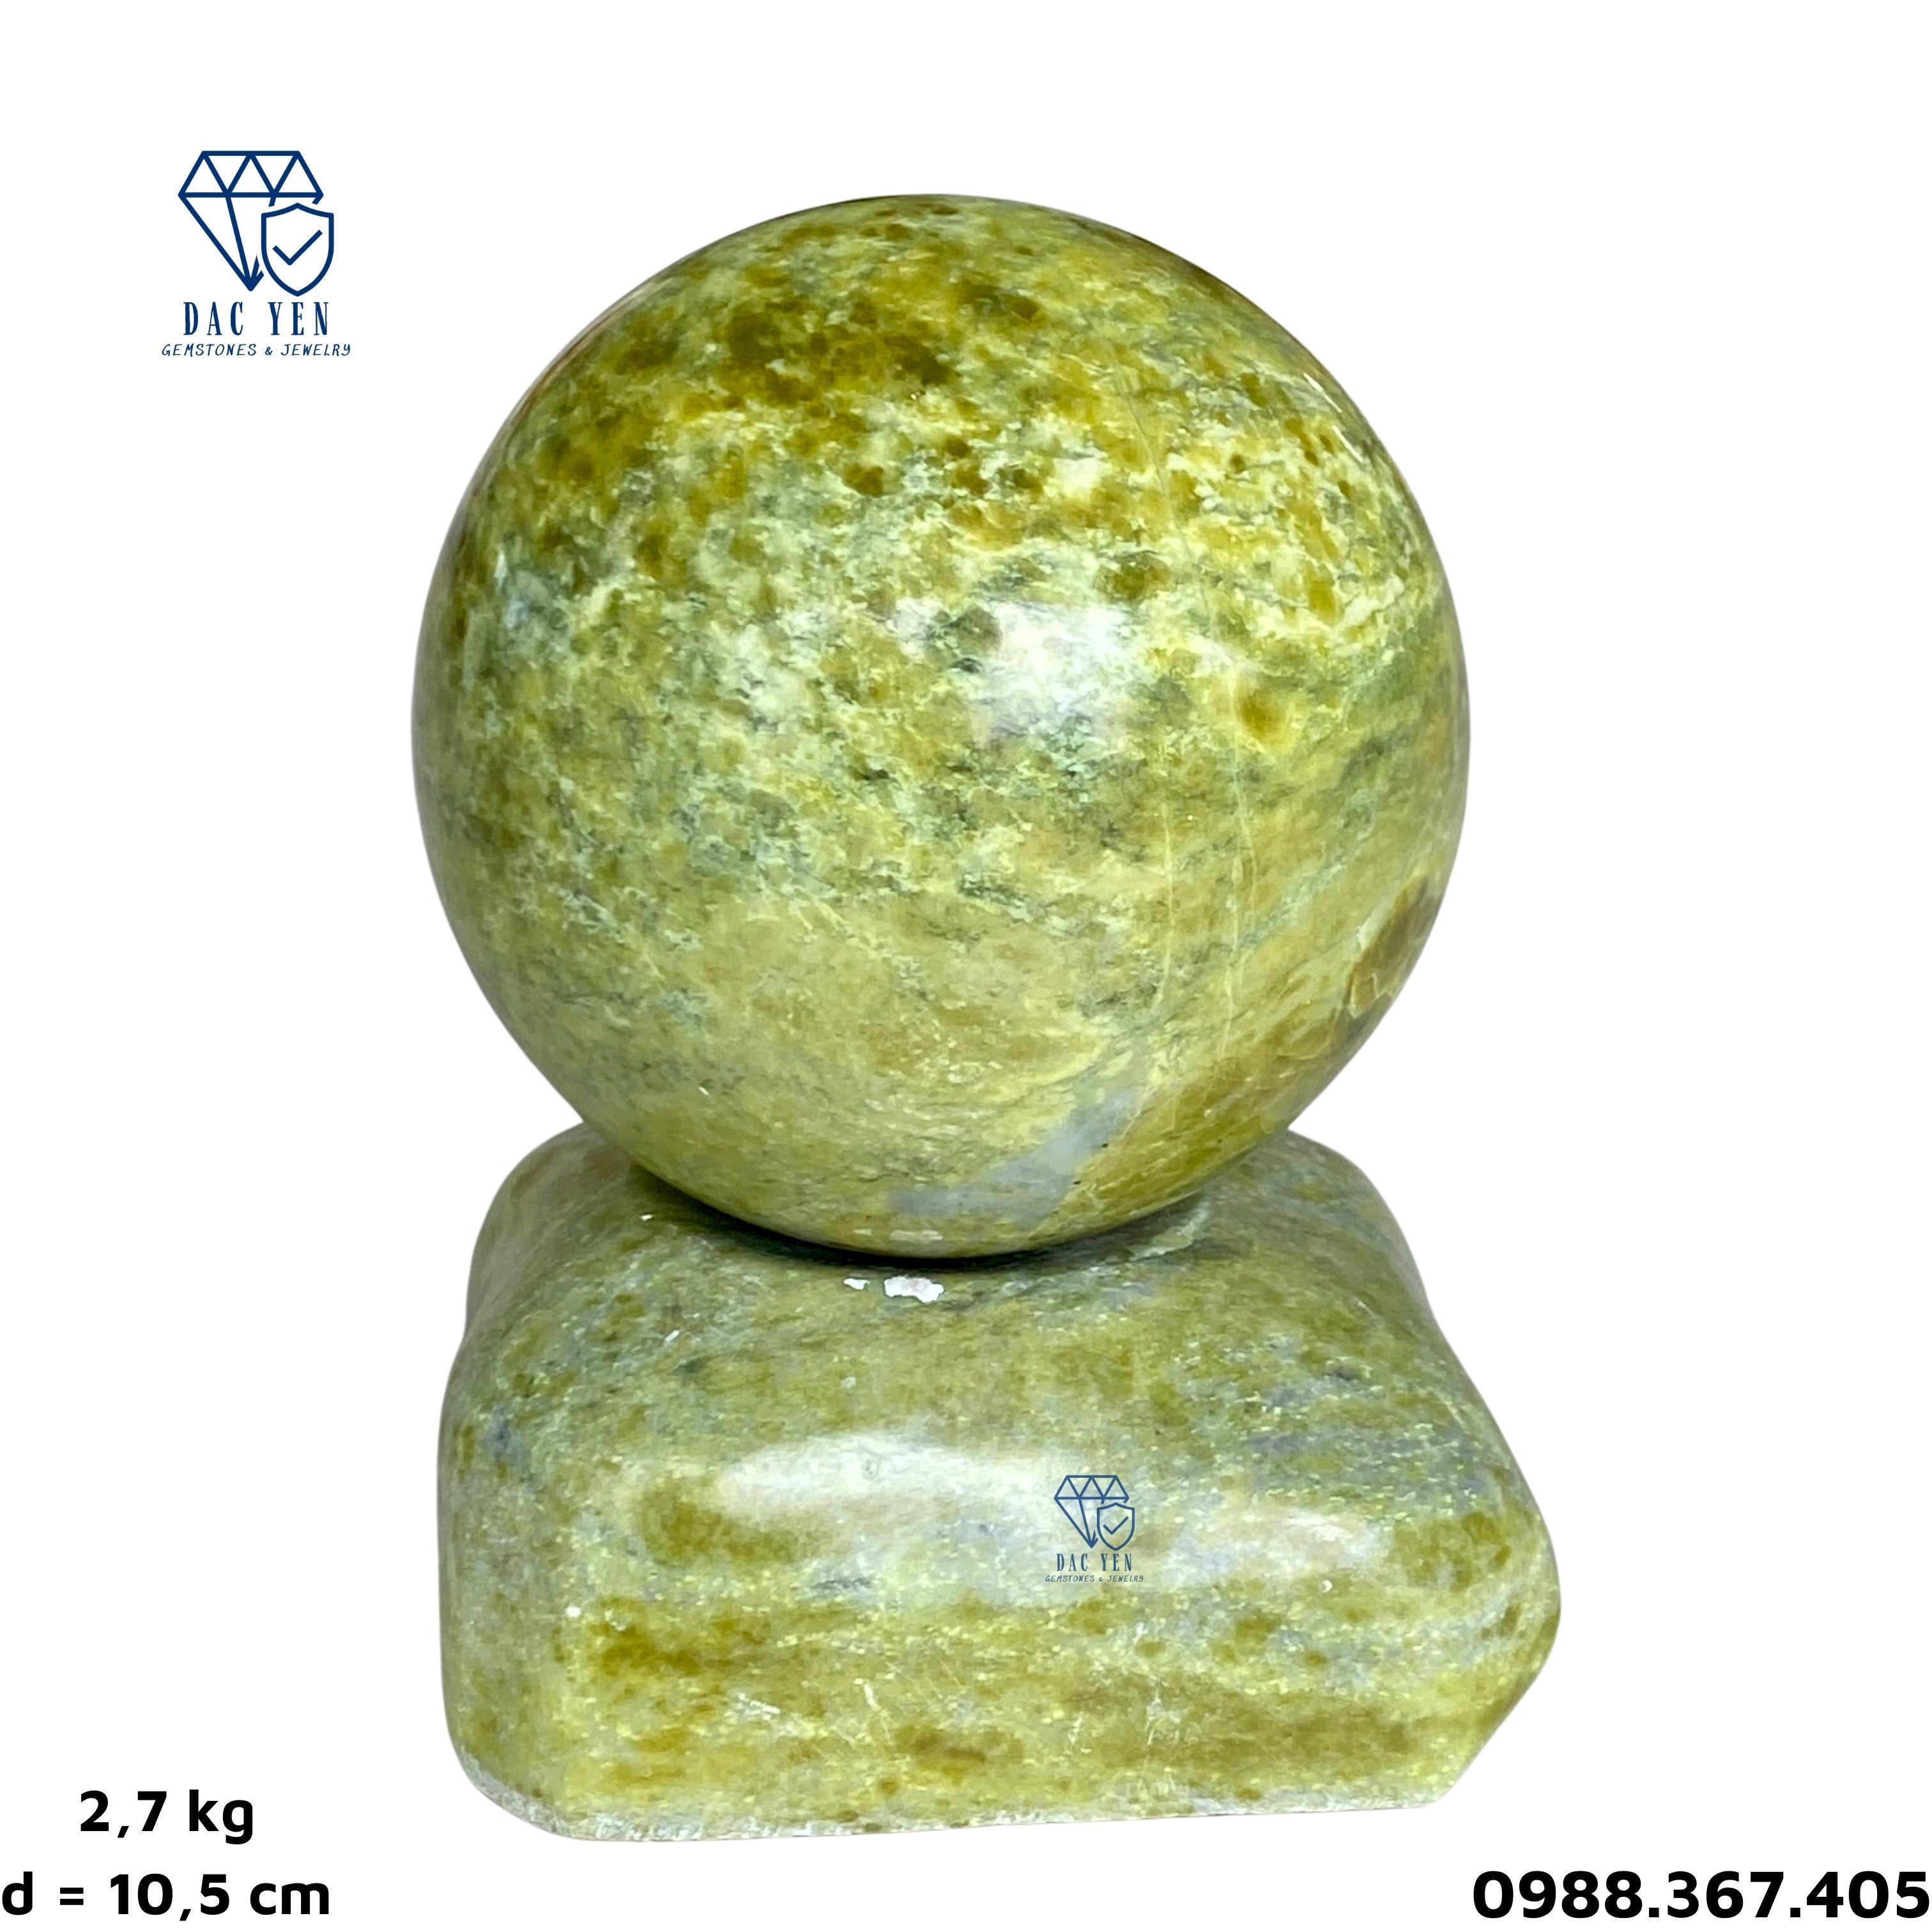 Cầu đá Yên Bái, quả cầu đá tự nhiên, bi cầu đá, đá ngọc tự nhiên đẹp